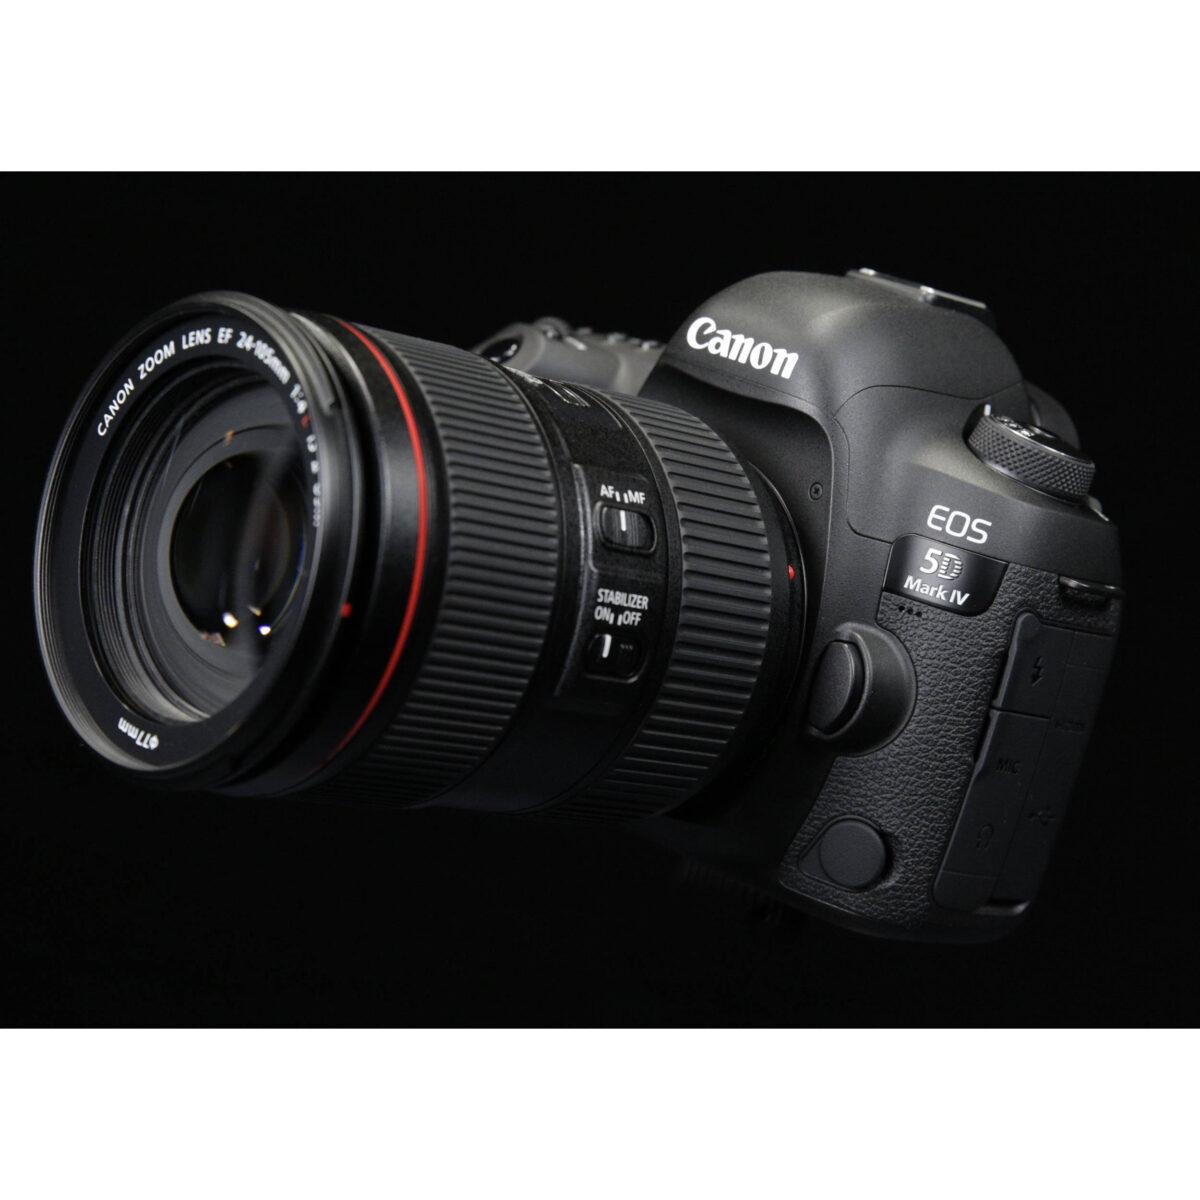 با کیفیت ترین دوربین دیجیتال کانن eos 5d mark IV - فروشگاه یزد کمرا